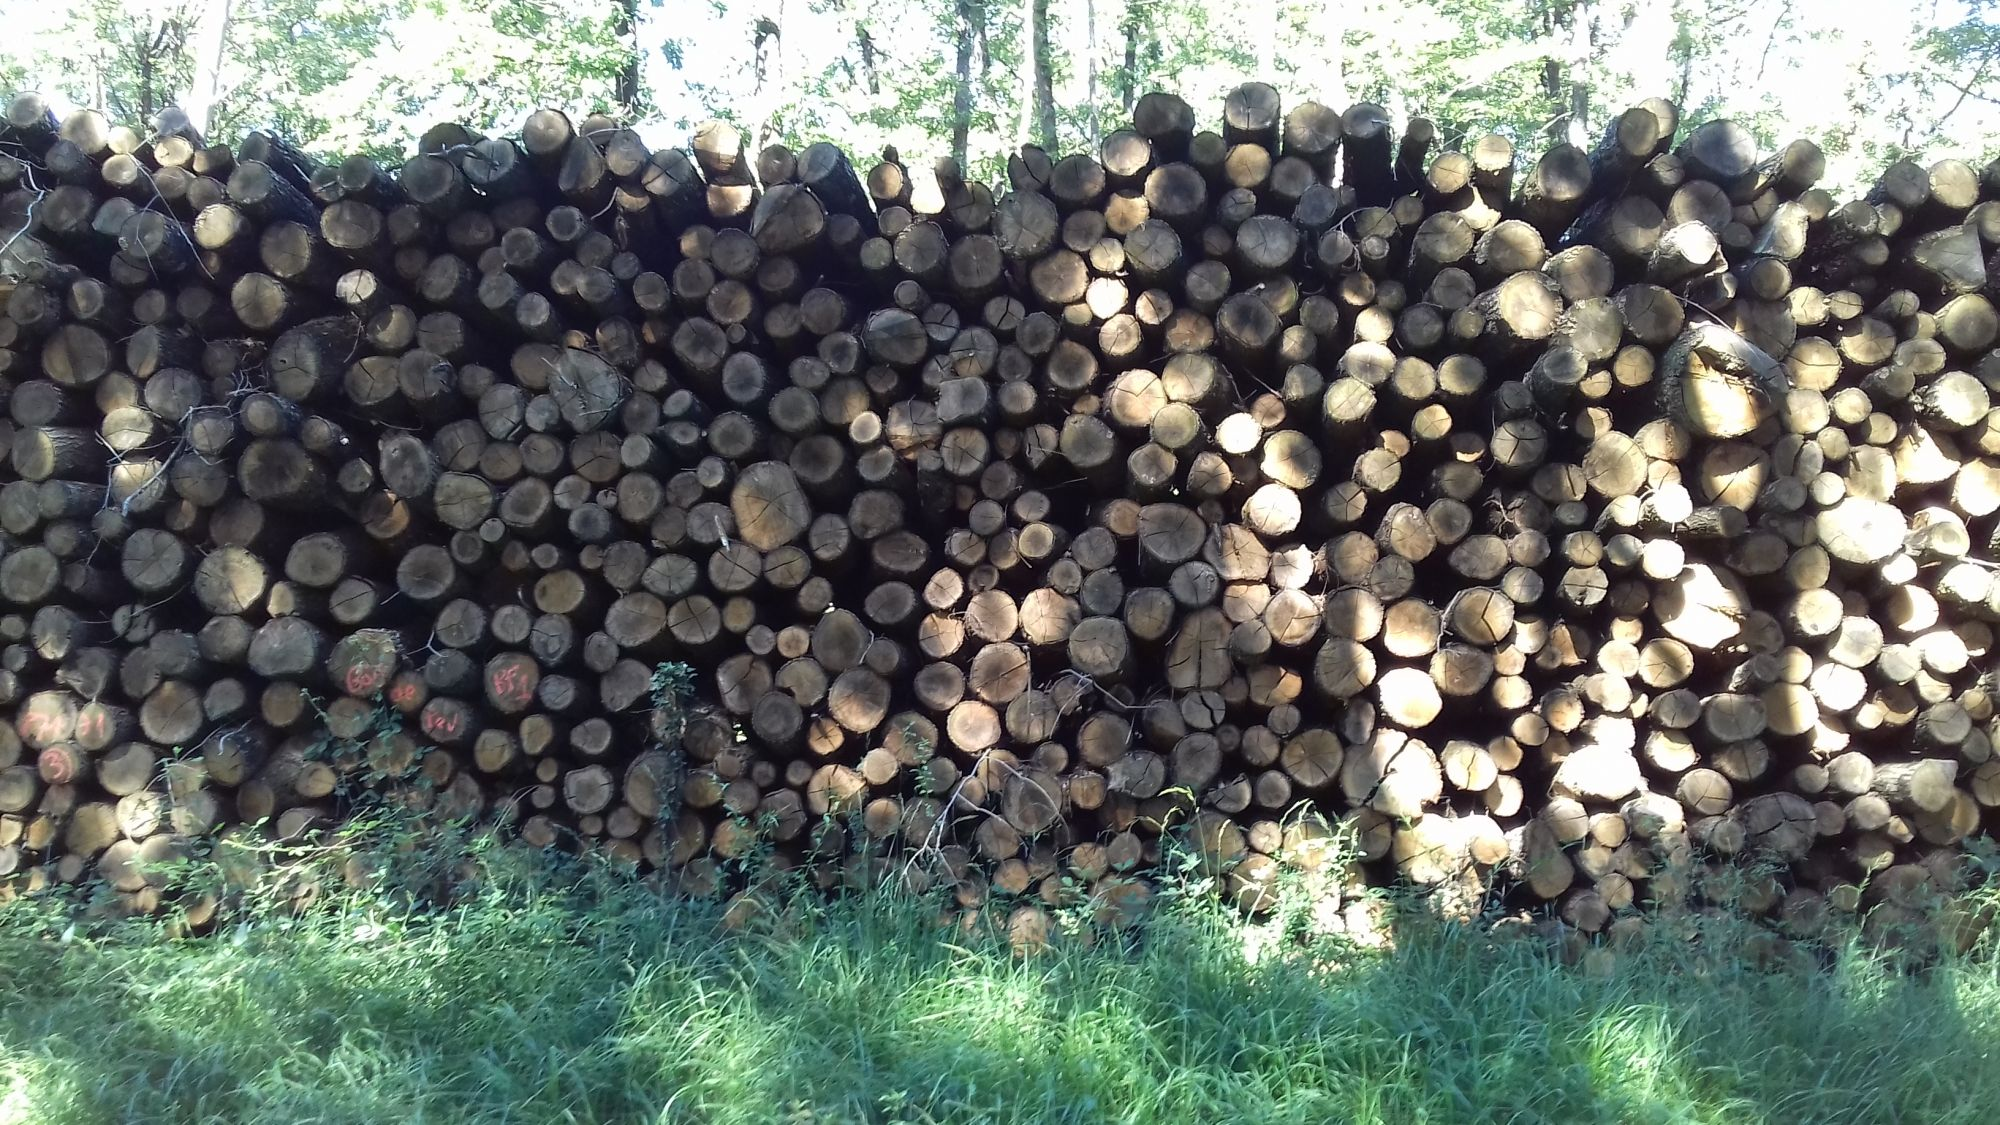 site internet pour revendeur de combustible bois dans l'Essonnesite internet pour revendeur de combustible bois dans l'Essonne